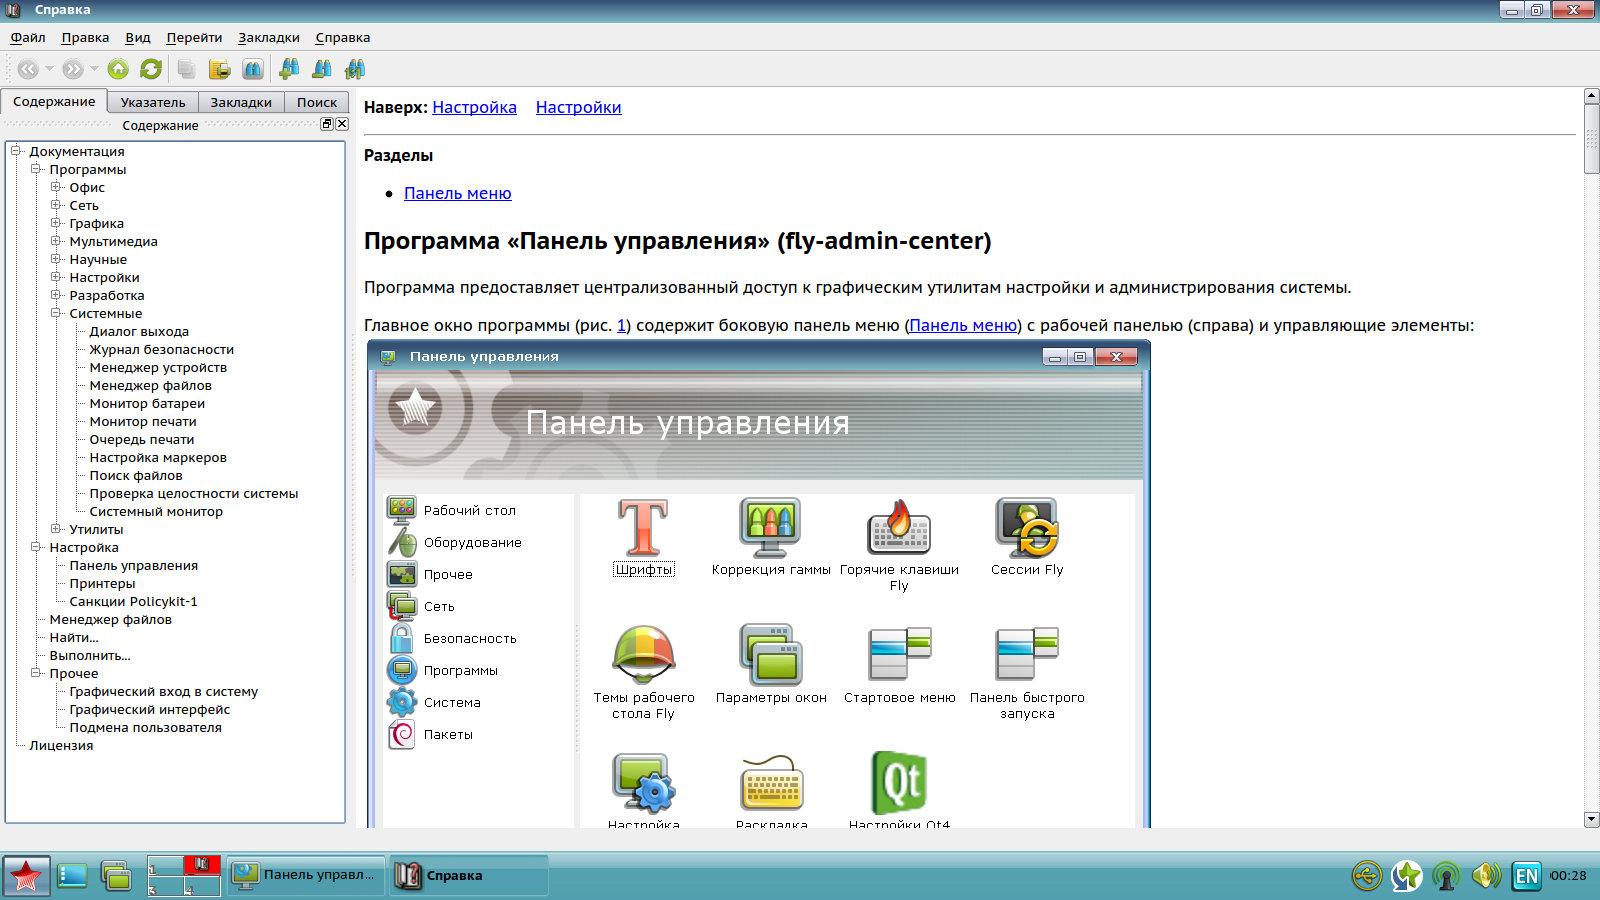 Создание образа системы/ бэкап системы Windows 7 3